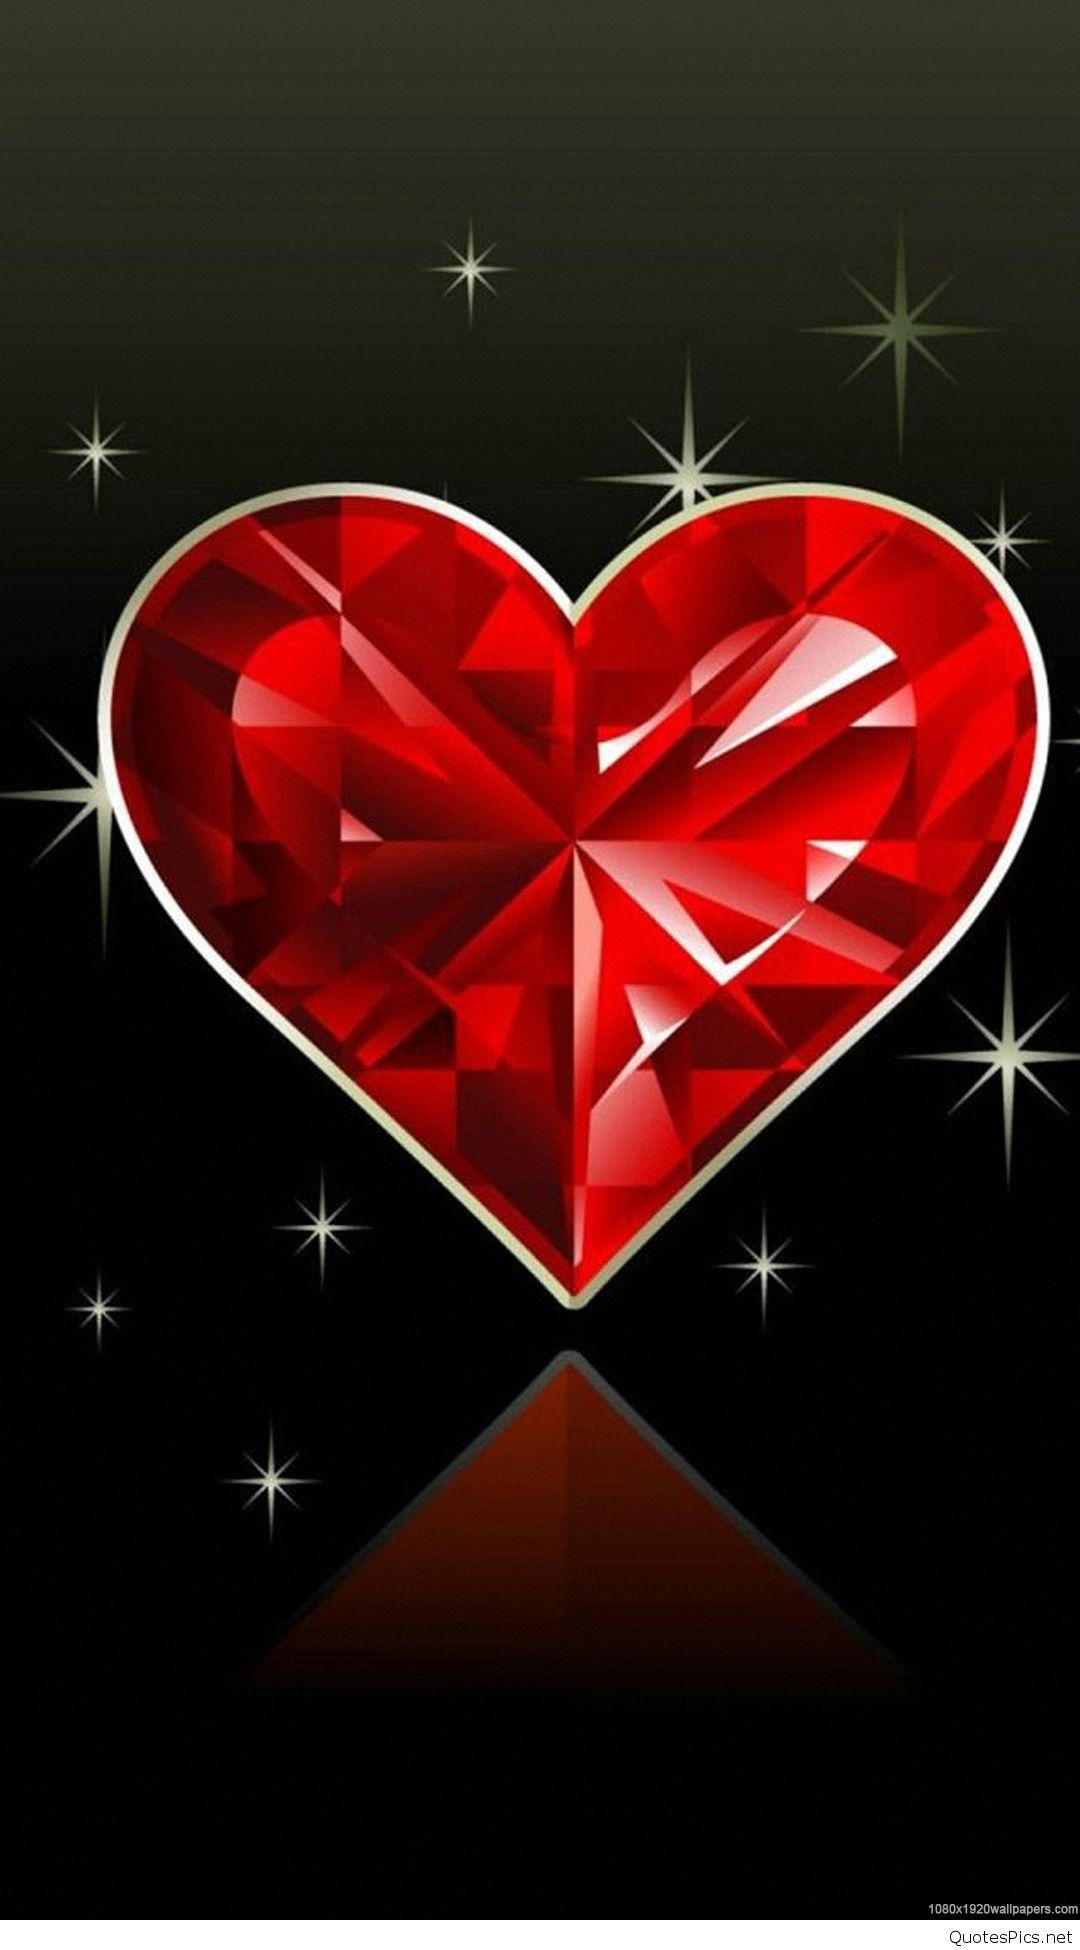 308 3088875 heart wallpaper hd for mobile j b love